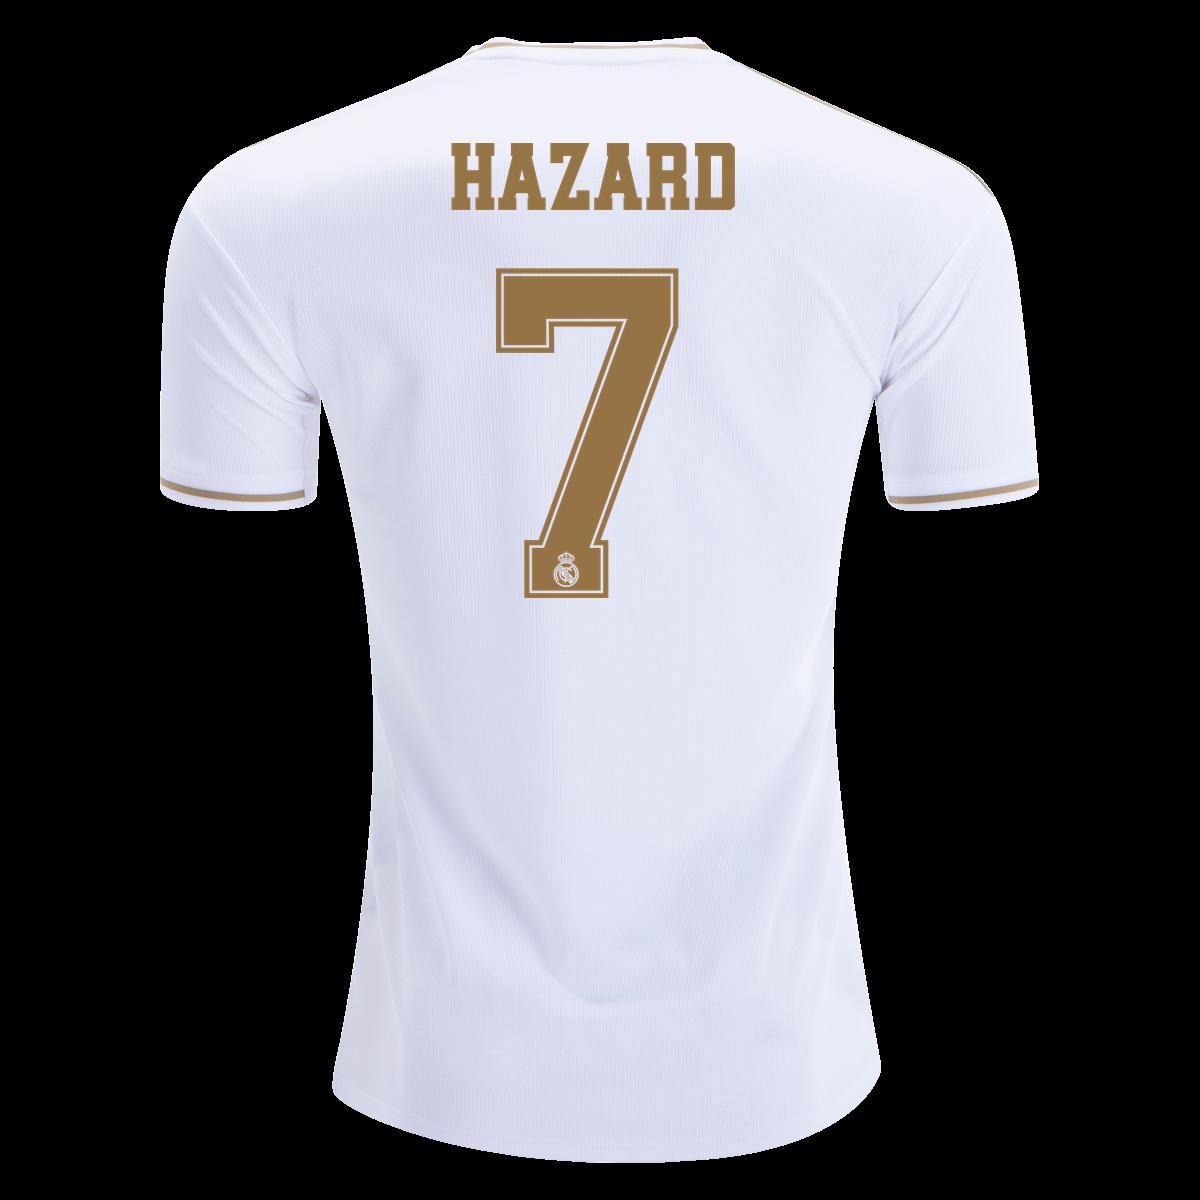 Adidas Eden Hazard Real Madrid Home Jersey 19 20 Xl Hazard Real Madrid Real Madrid Eden Hazard